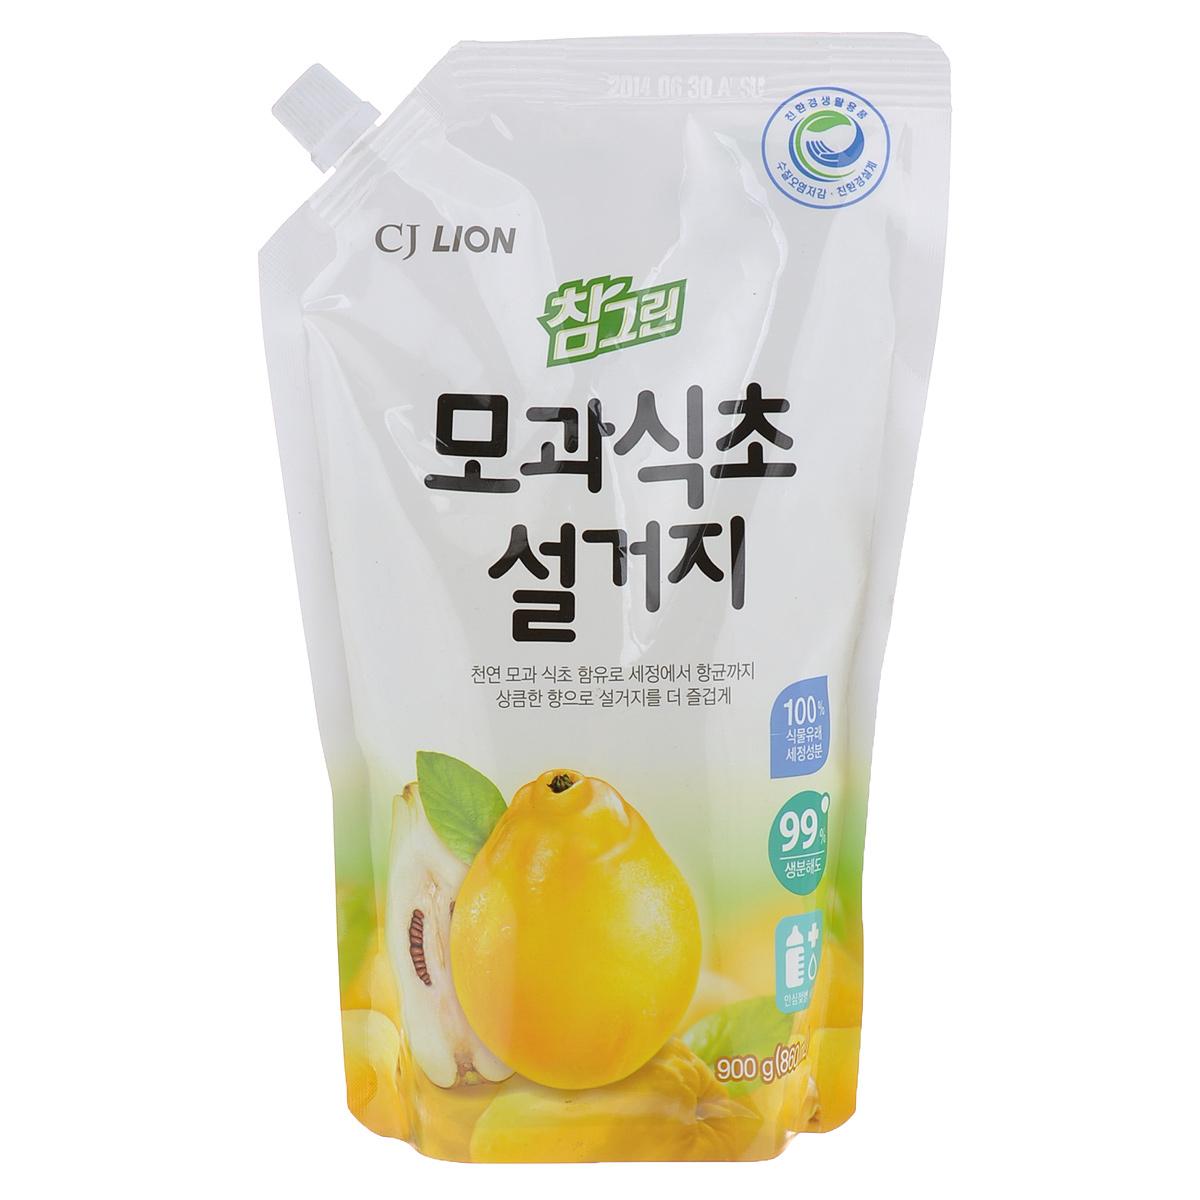 Средство для мытья посуды Cj Lion Chamgreen, айва, 860 мл613176Средство Cj Lion Chamgreen для мытья посуды, овощей и фруктов - это средство премиум класса, в состав которого входят природный экстракт айвы и моющие компоненты 100% растительного происхождения. Ключевые преимущества: - Удаление микробов на 99,9% - поэтому идеально подходит даже для мытья детских бутылочек; - Безопасность полного ополаскивания за 5 секунд - удаляются остатки компонентов, разрушающих жиры и чистящего средства; - Увлажнение и защита кожи рук - благодаря 100% растительному моющему составу и добавкам растительного происхождения для защиты кожи рук; - Идеально для мытья посуды, кухонной утвари, а также овощей и фруктов. Состав: ПАВ 21% (высшие спирты на растительной основе, высшие амины на растительной основе, растительный состав неионогенный и др.), эссенция айвы, средство для защиты рук и другие компоненты 79%. Товар сертифицирован.